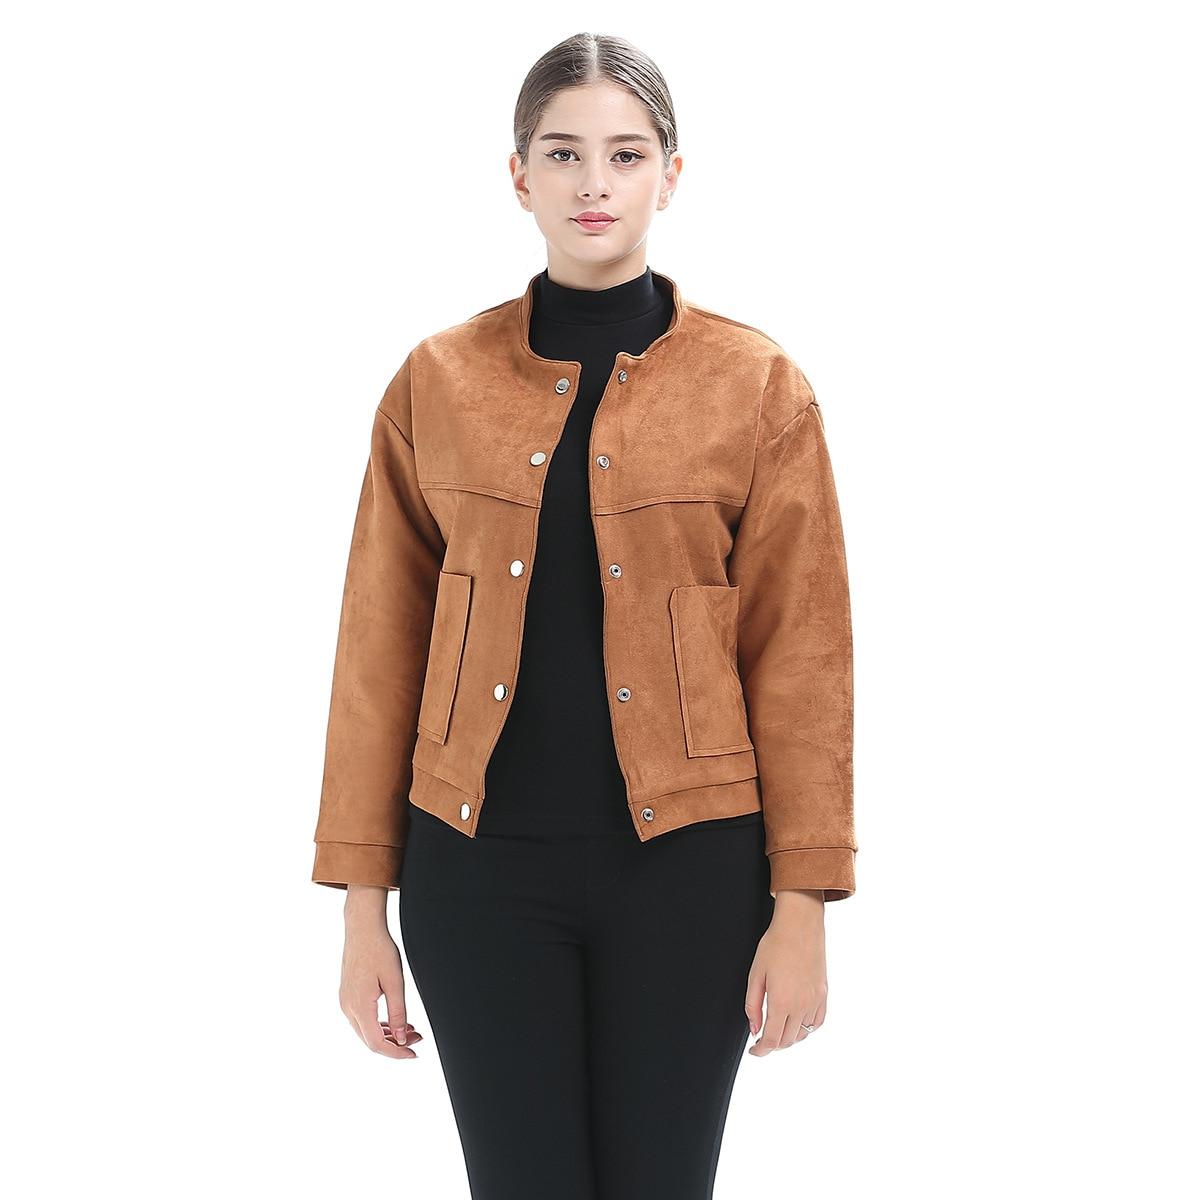 Blouson d'automne pour femme, haut, élégant, avec poches de veste pour femme, suché, Mujer, Punk, Rock, à la mode